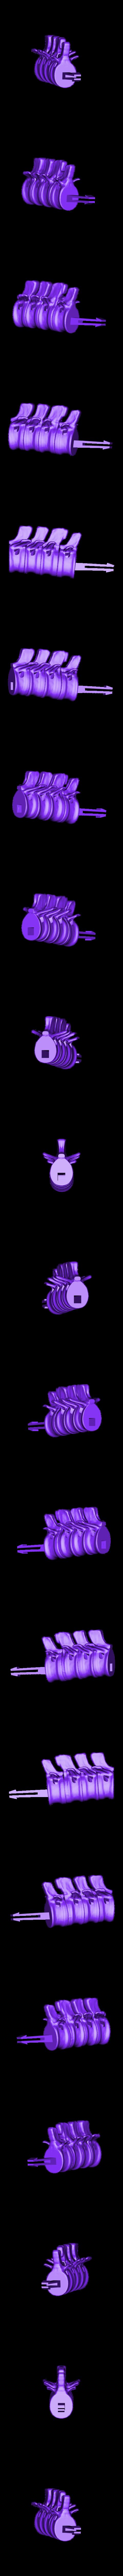 TRex_Dorsal_2.stl Télécharger fichier STL gratuit T-Rex Skeleton - Leo Burton Mount • Objet à imprimer en 3D, LordLilapause